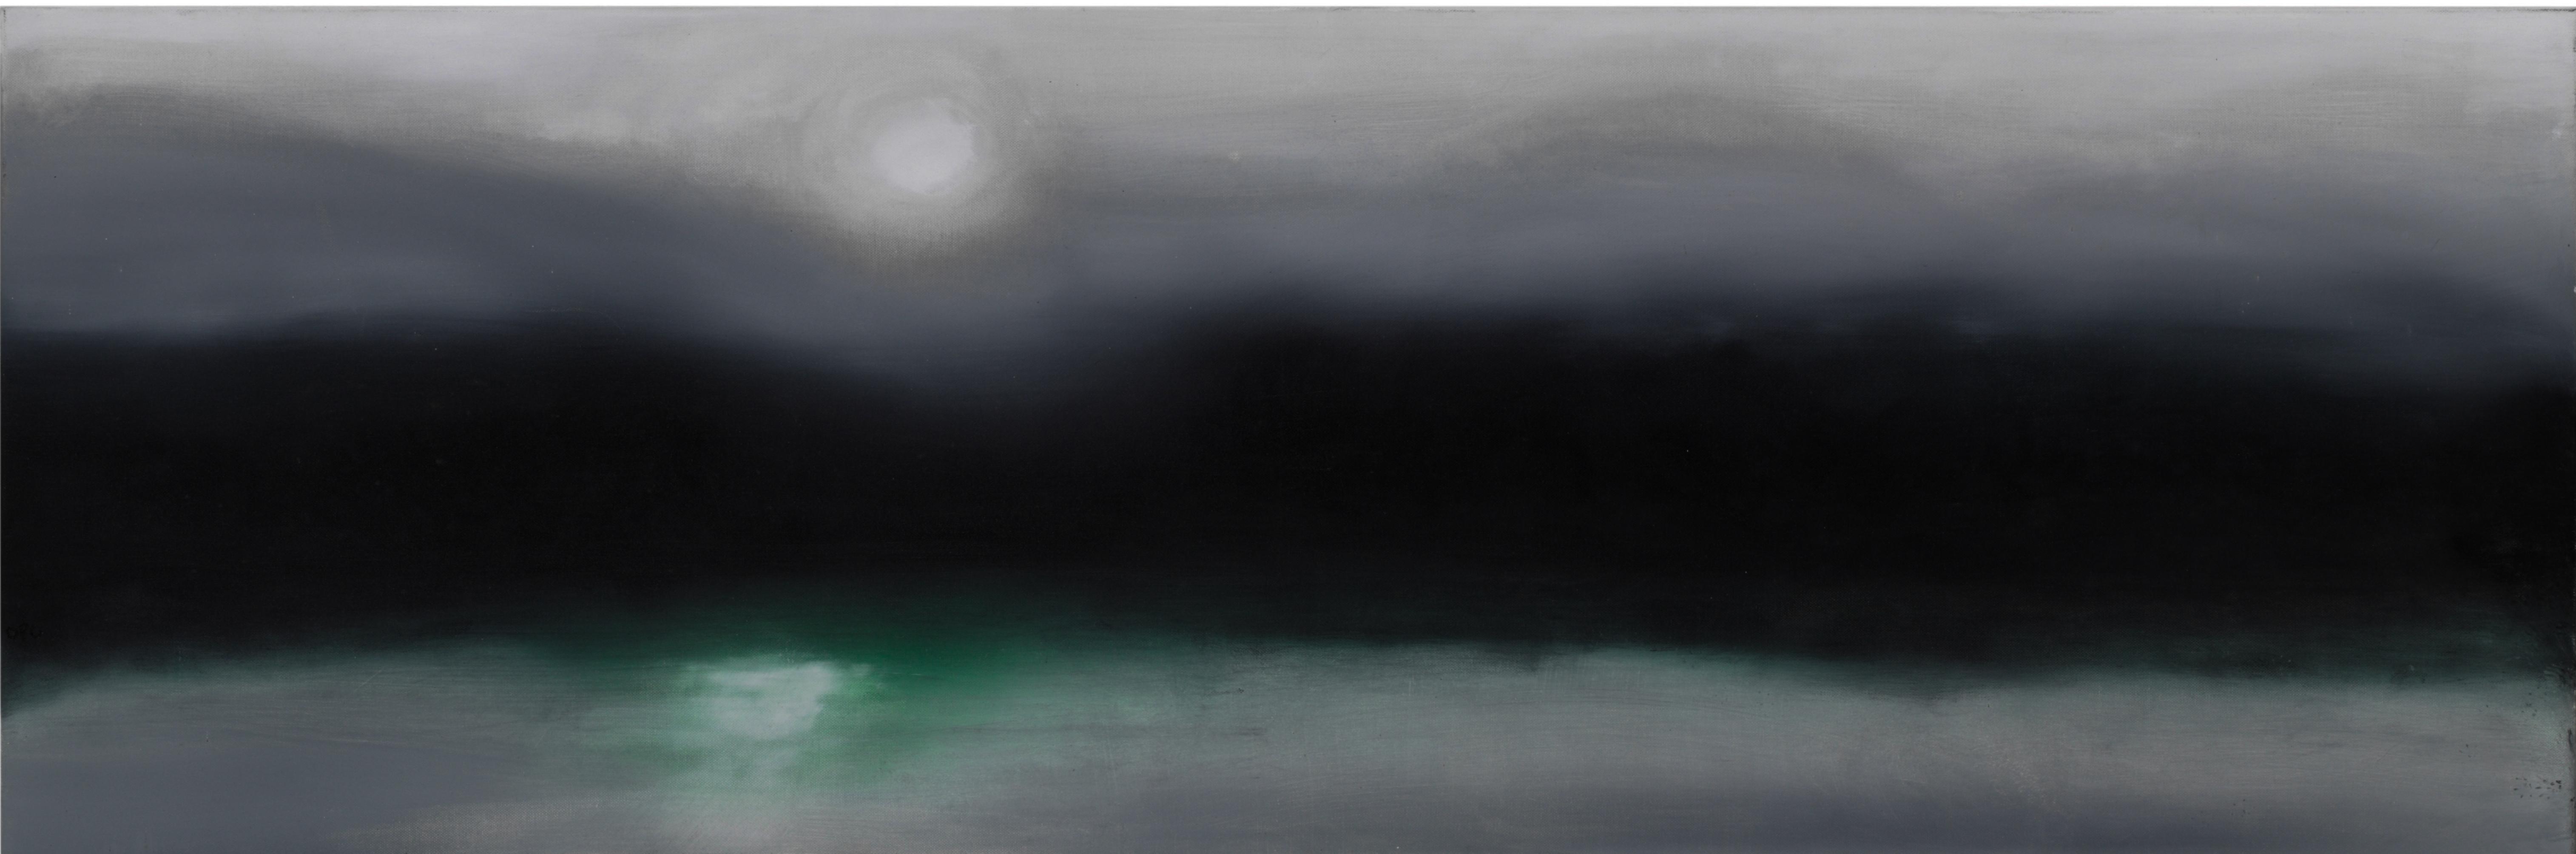 Pittwater Mist